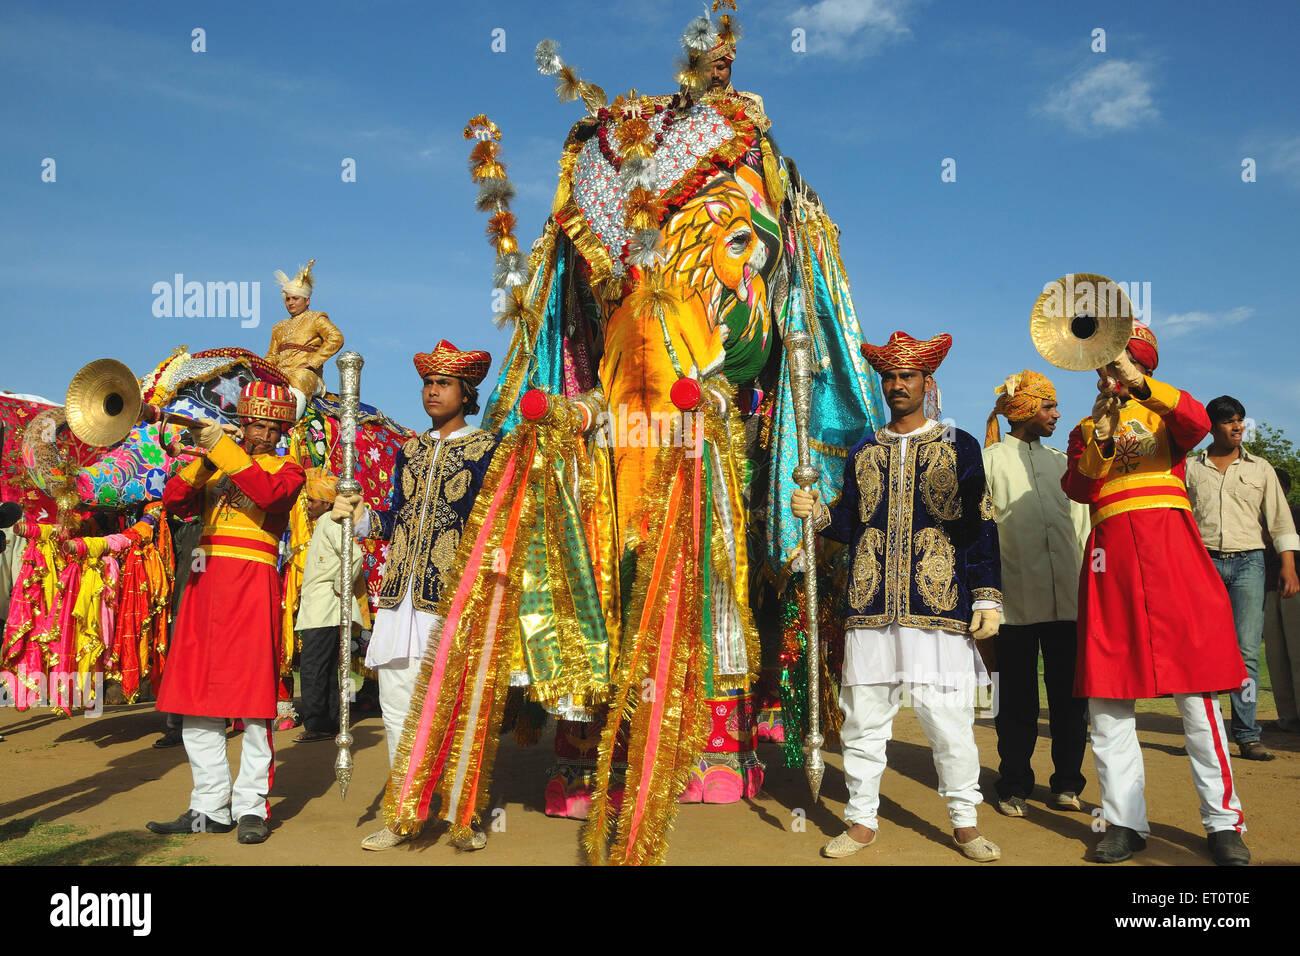 Peint et décoré d'éléphants;;; Inde Rajasthan Jaipur Photo Stock